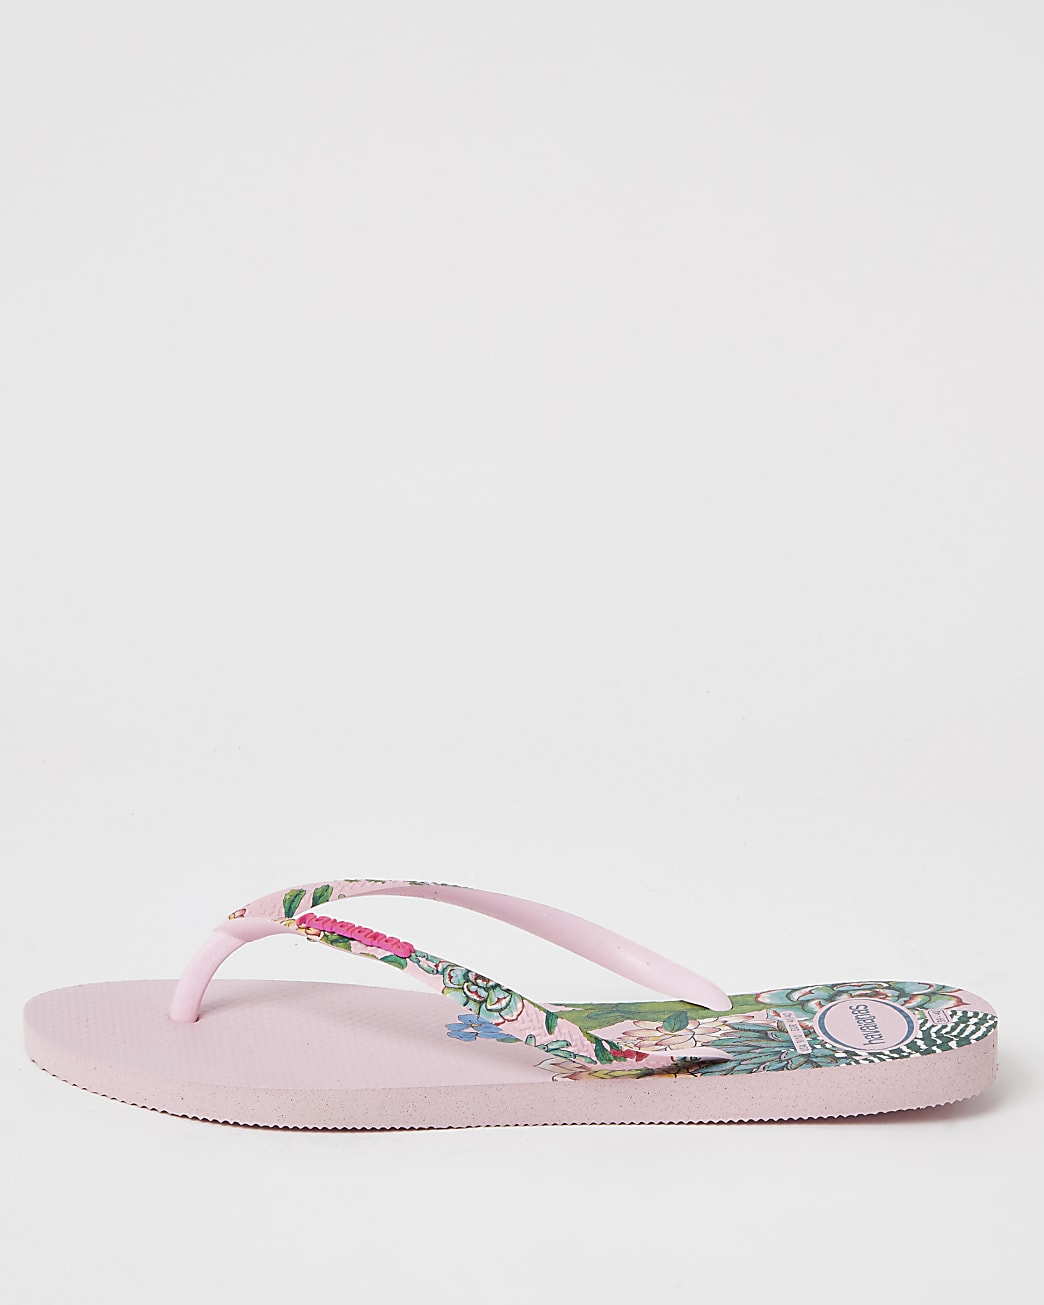 Haviana pink tropical flip flops